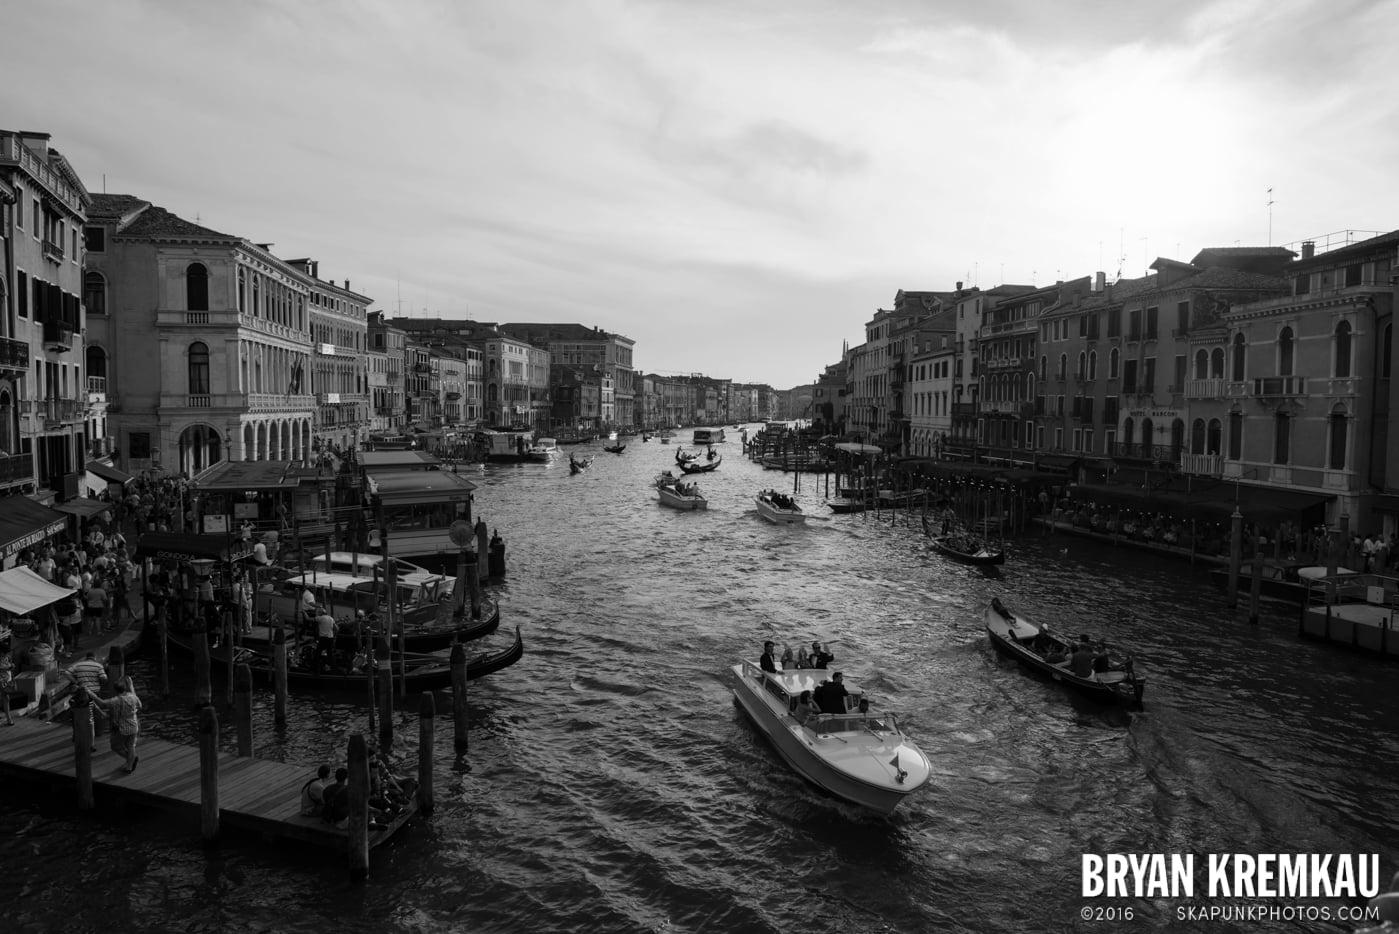 Italy Vacation - Day 6: Murano, Burano, Venice - 9.14.13 (17)